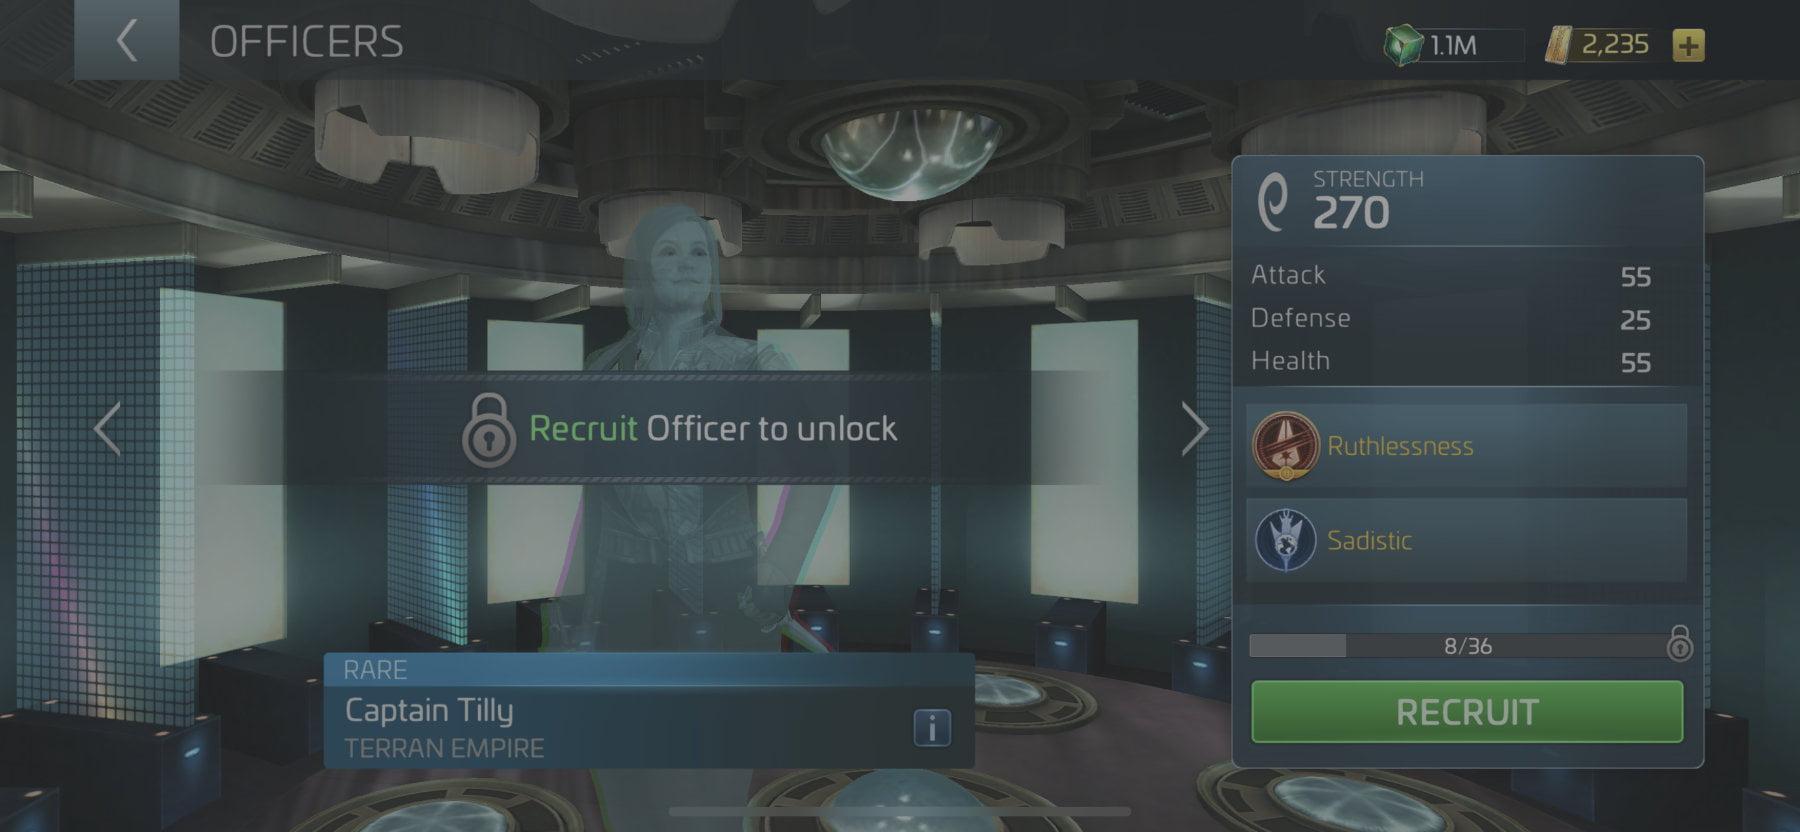 Officer Captain Tilly